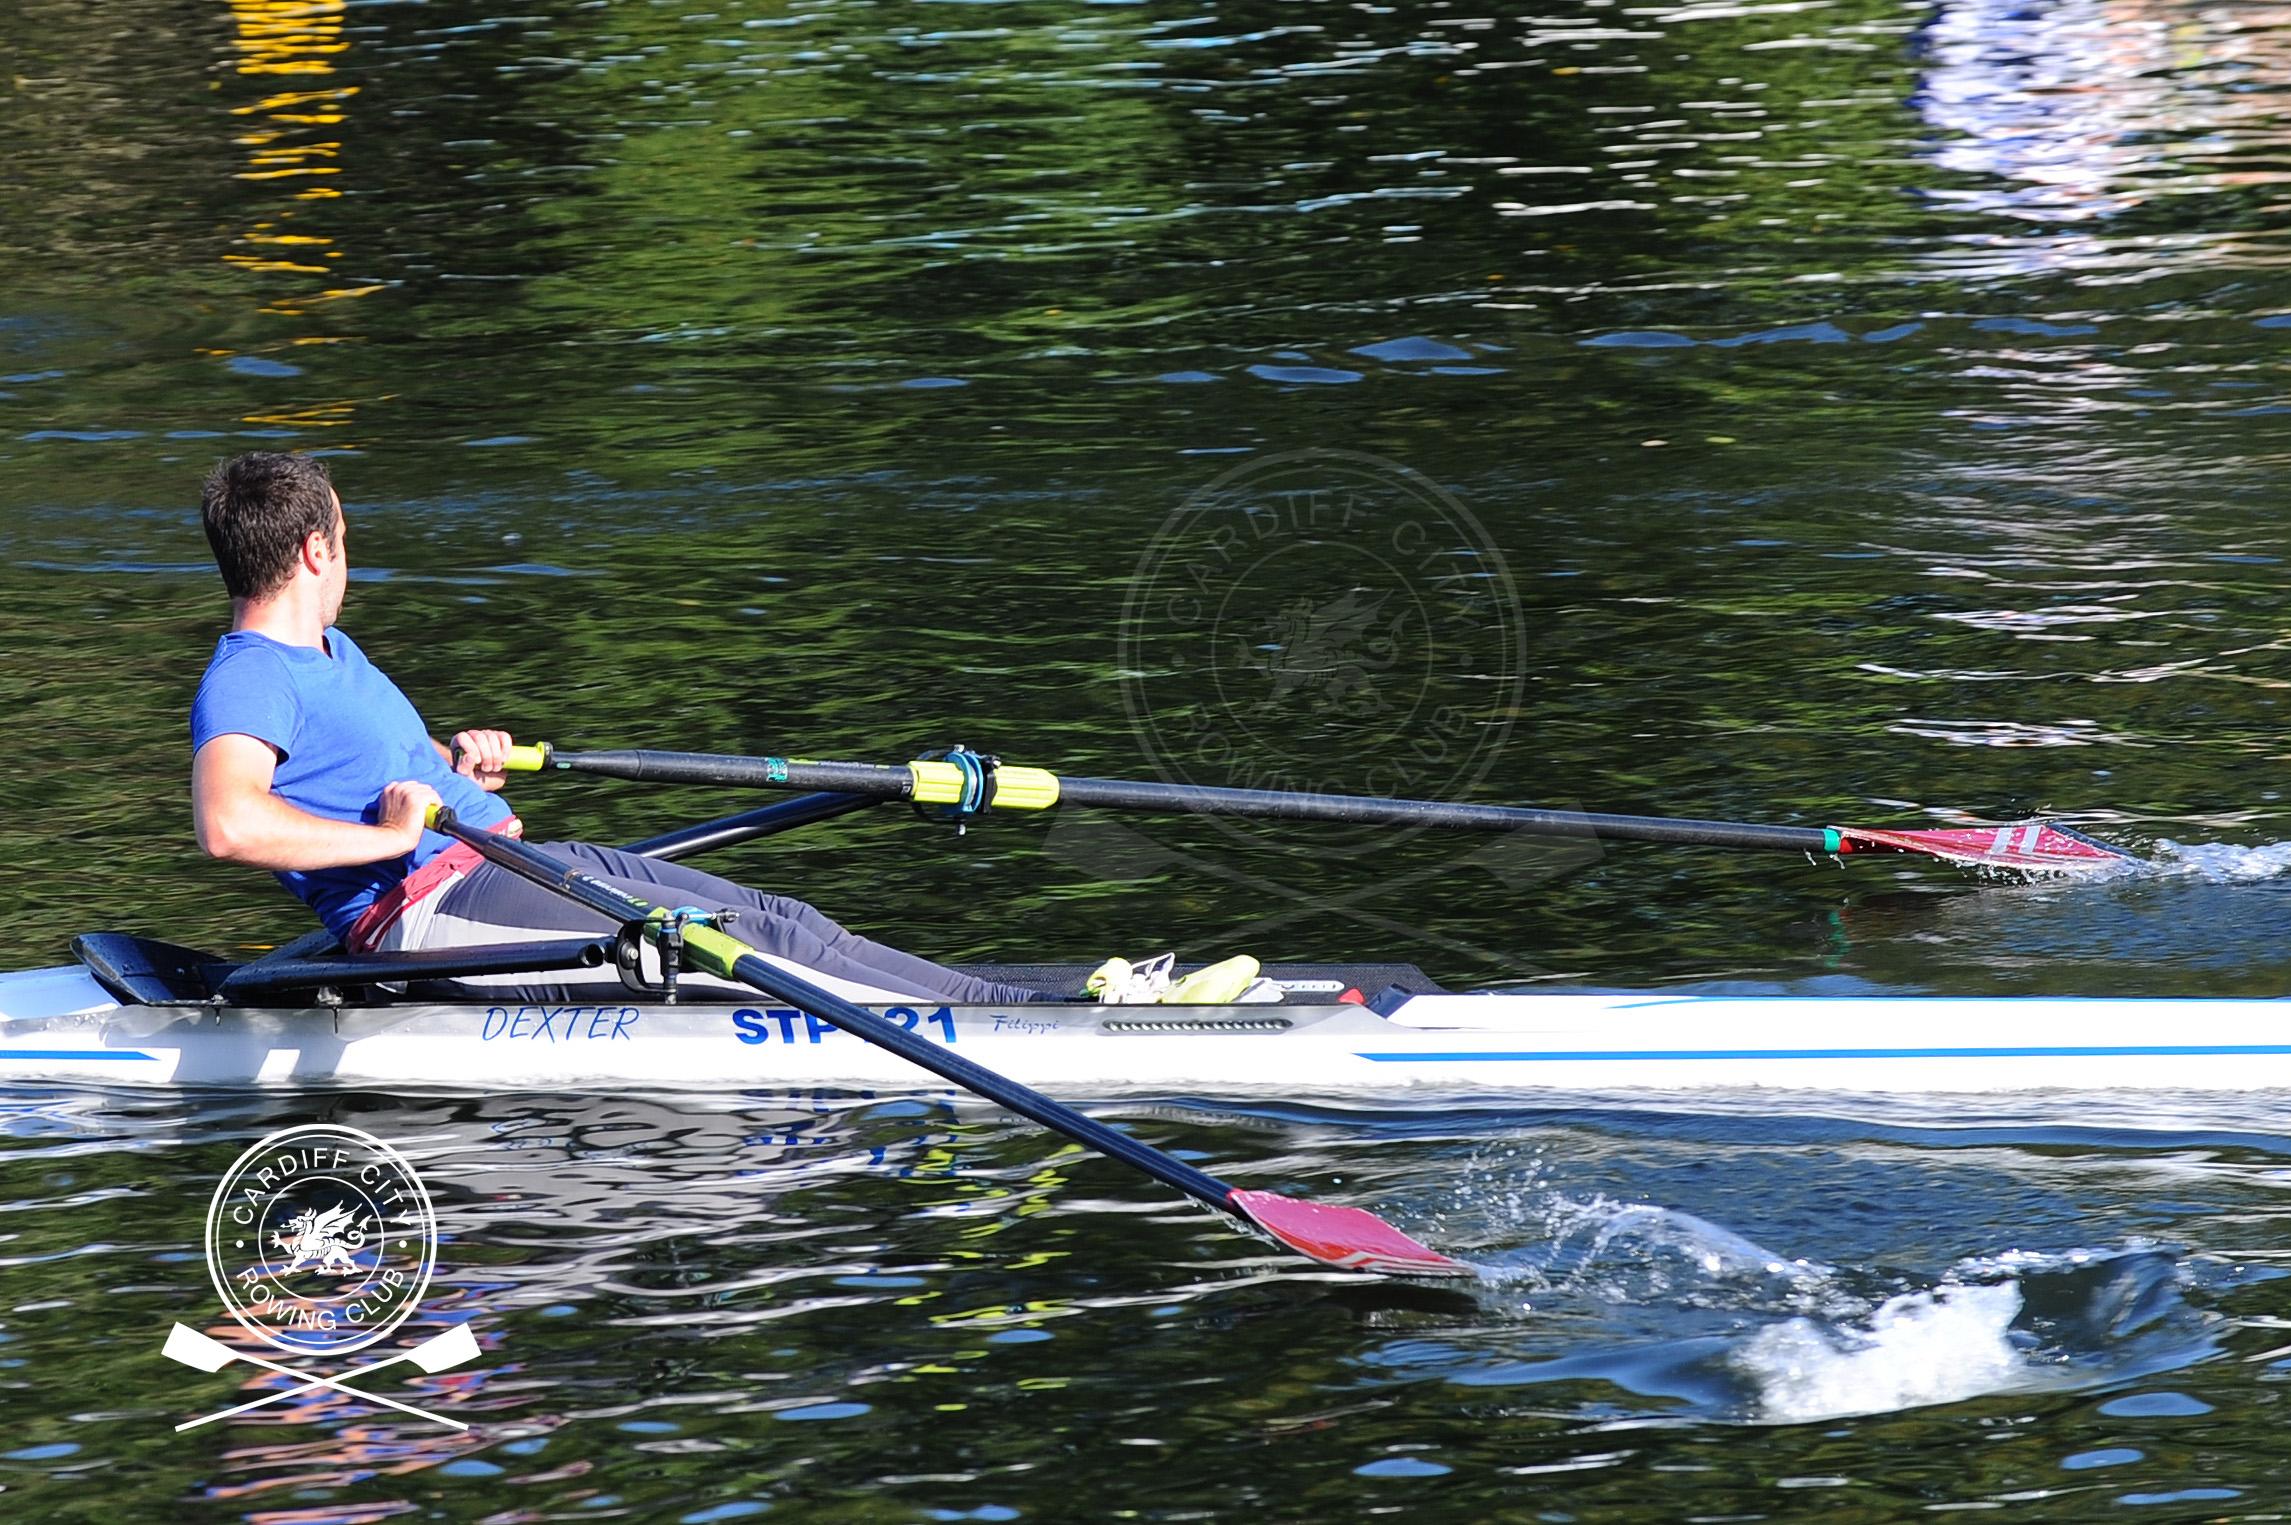 Cardiff_City_Head_Race_169.jpg